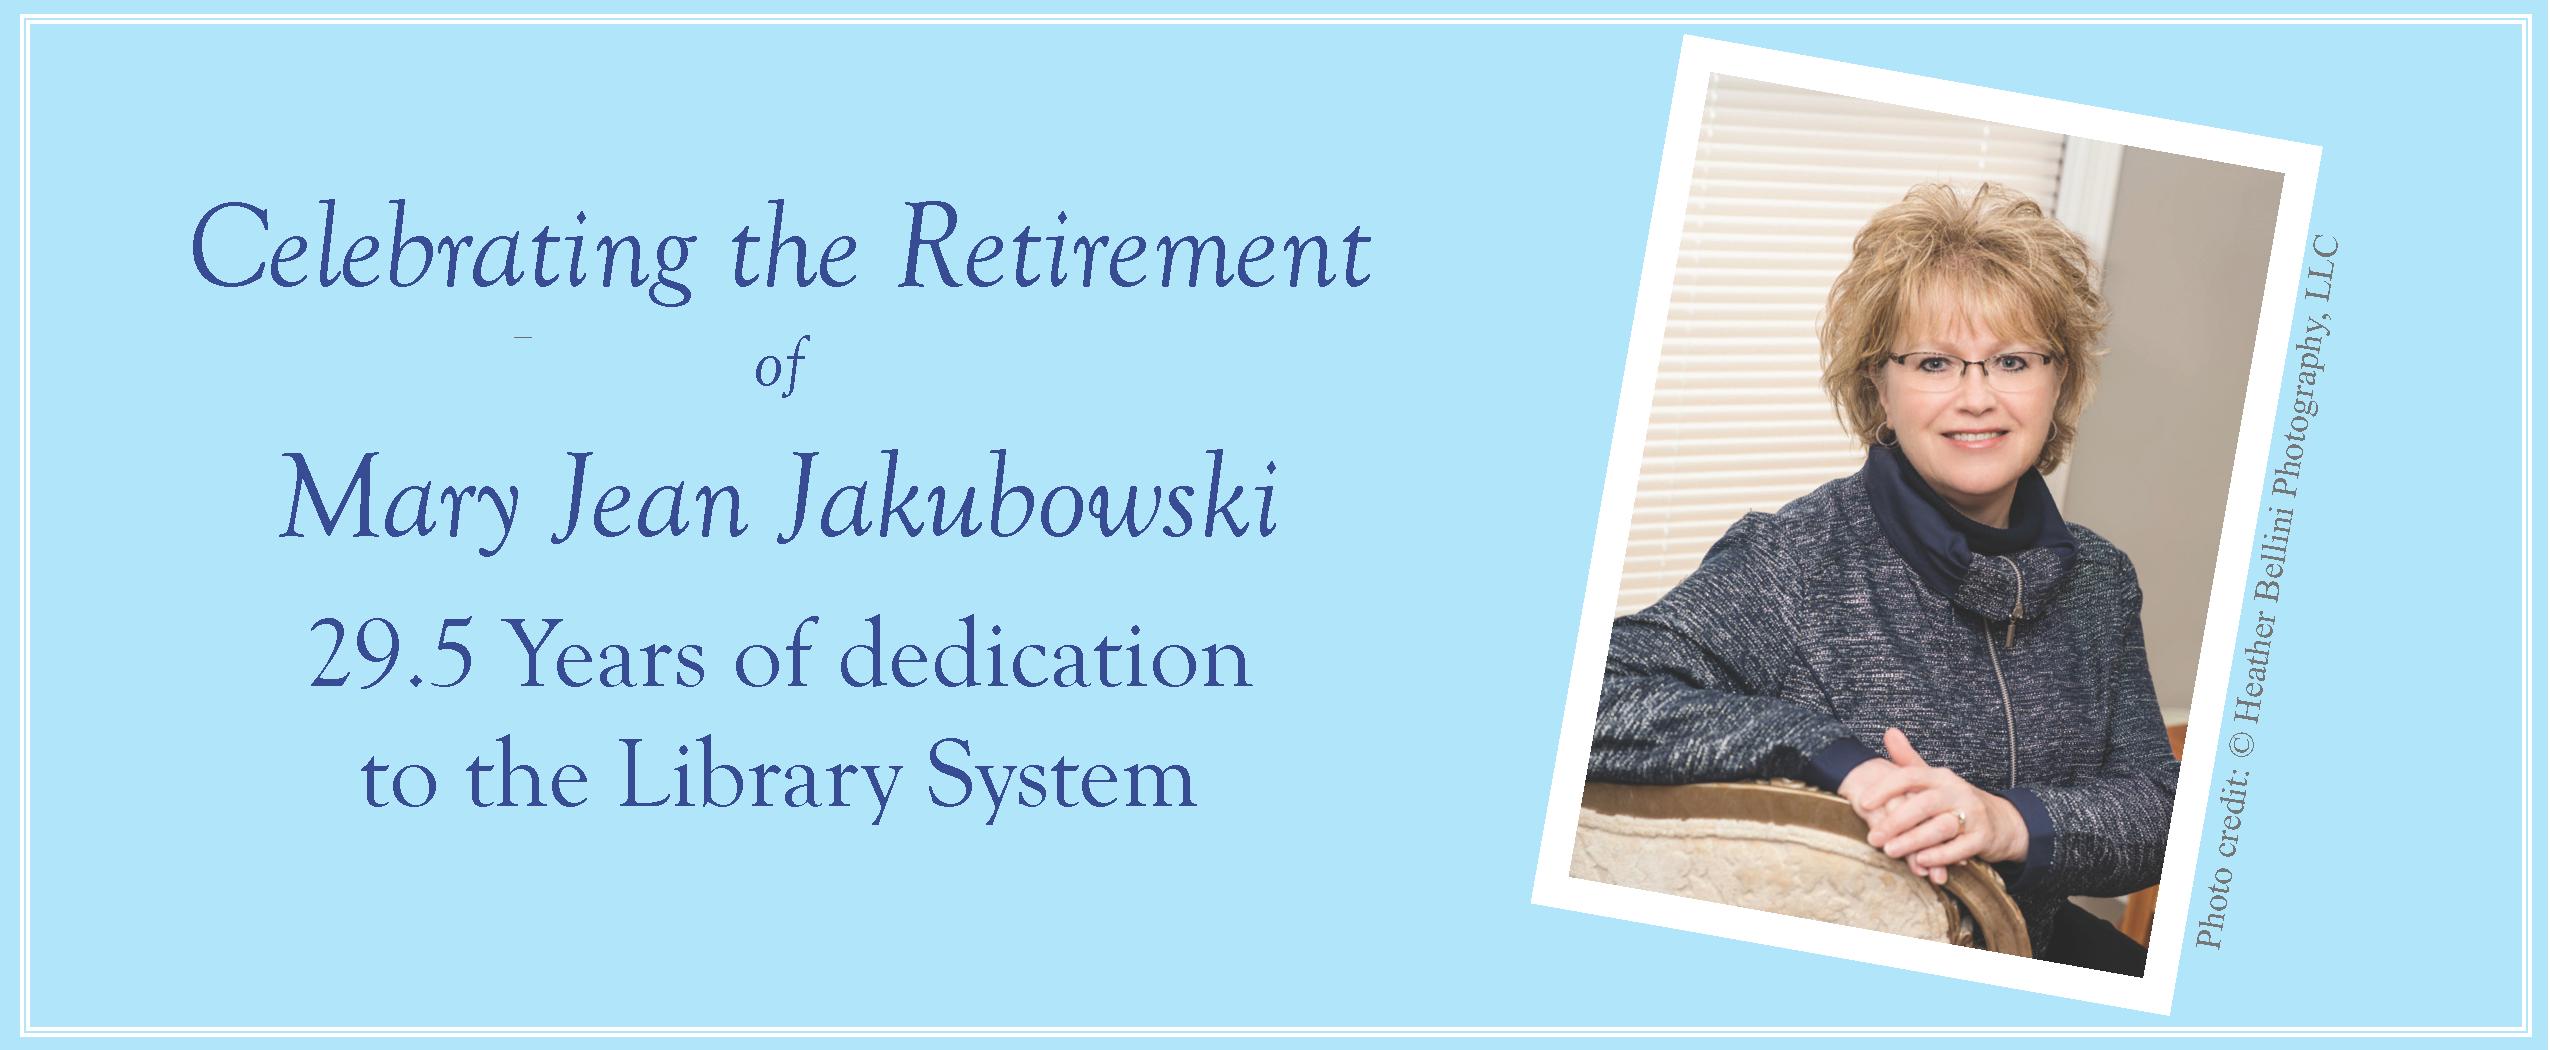 Celebrating the retirement of Mary Jean Jakubowski